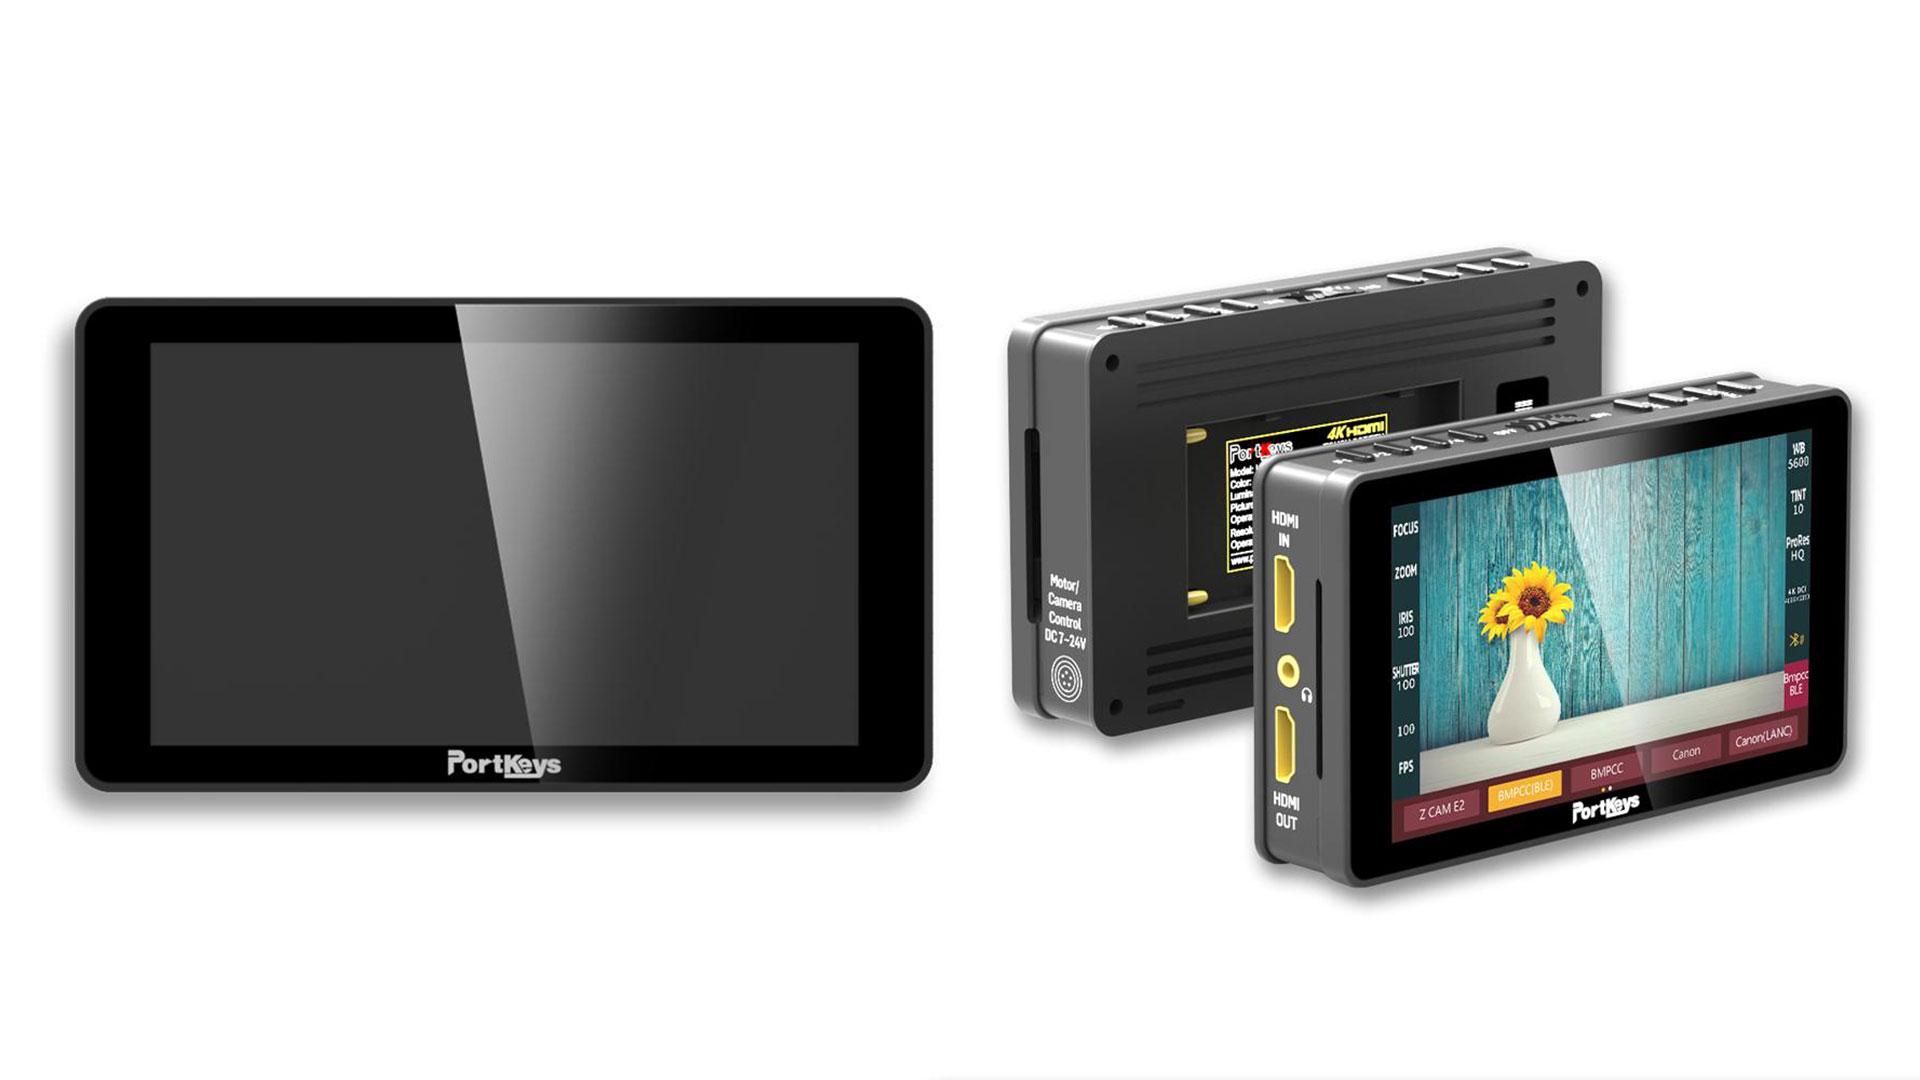 PortKeysがLH5Hをリリース - カメラがコントロールできる5インチモニター